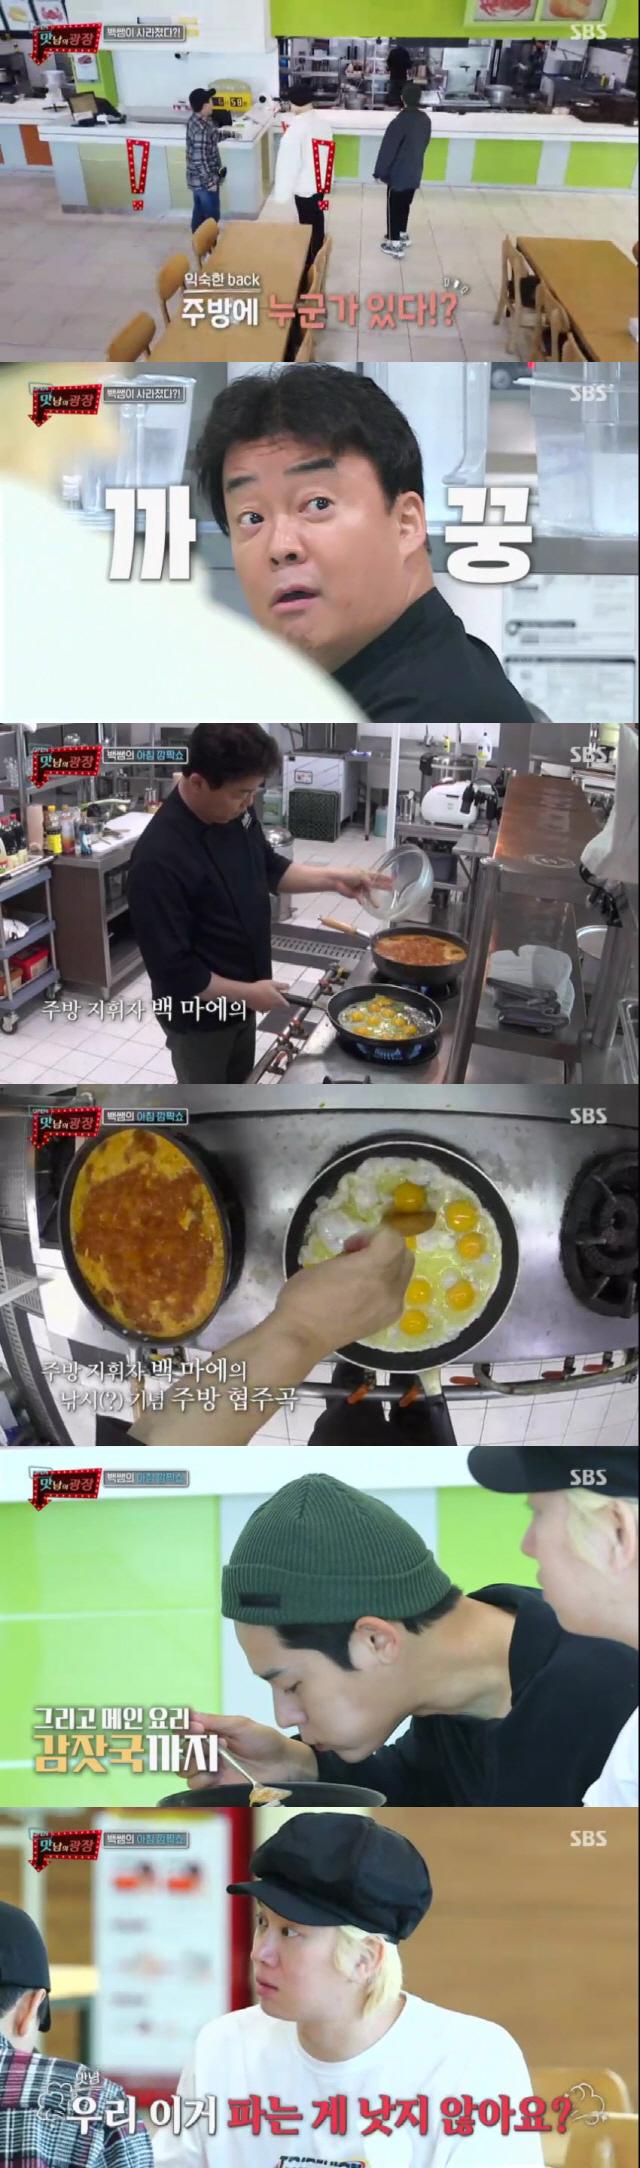 '맛남의 광장' 백종원 표 든든 아침 식사..'최고의 1분'